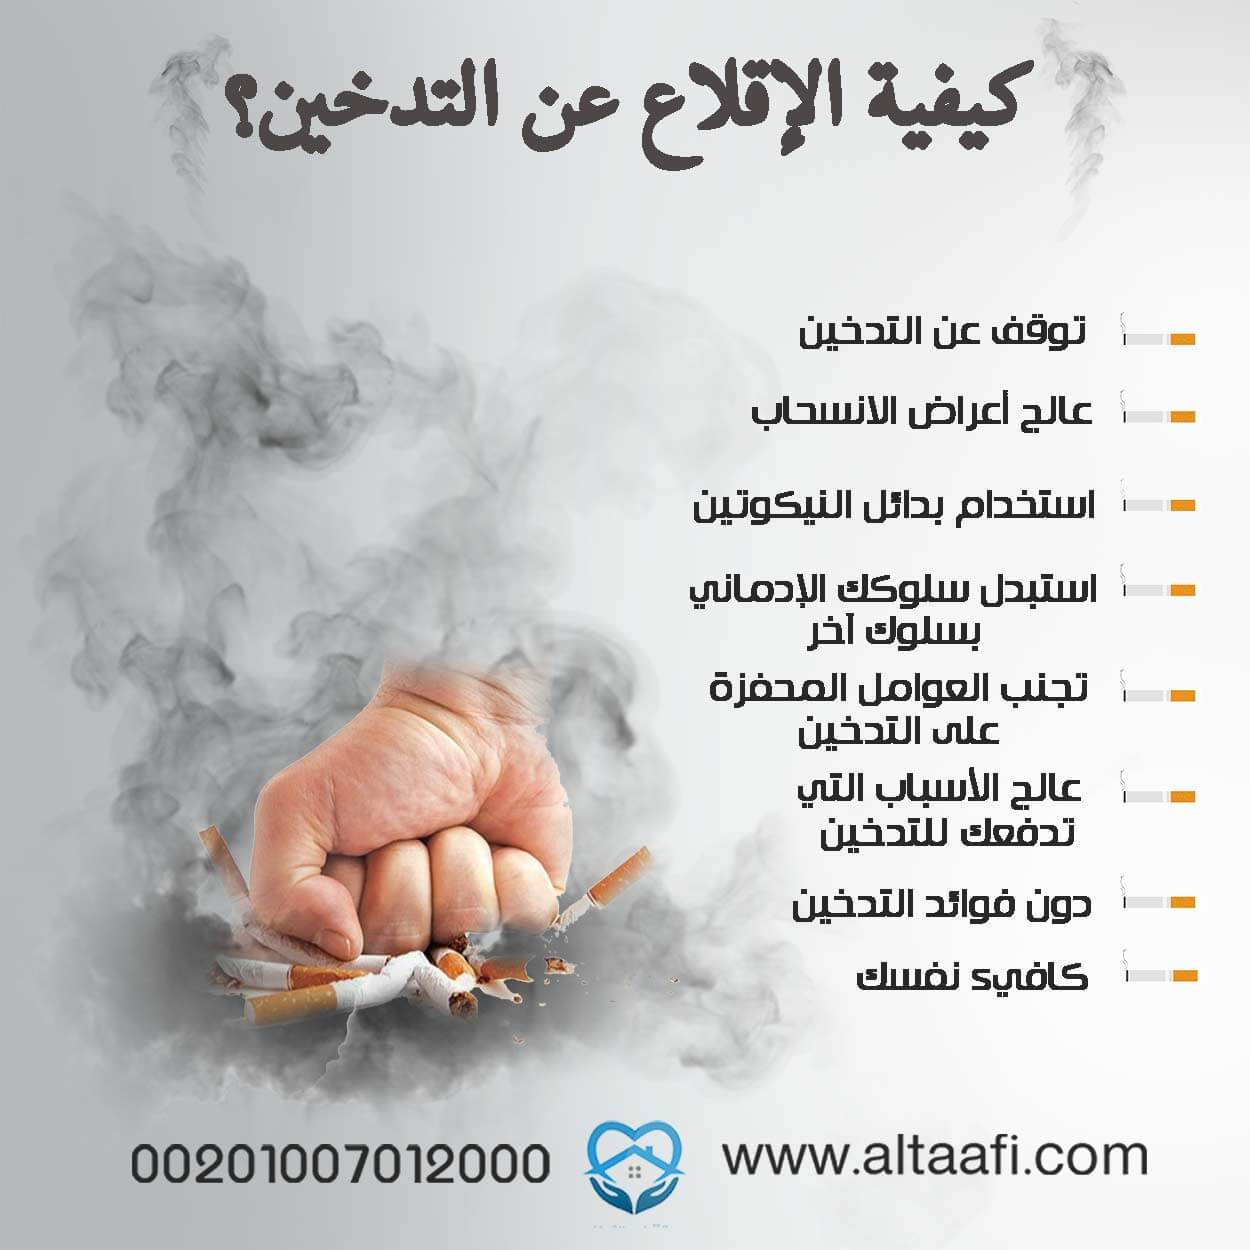 كيفية الإقلاع عن التدخين؟